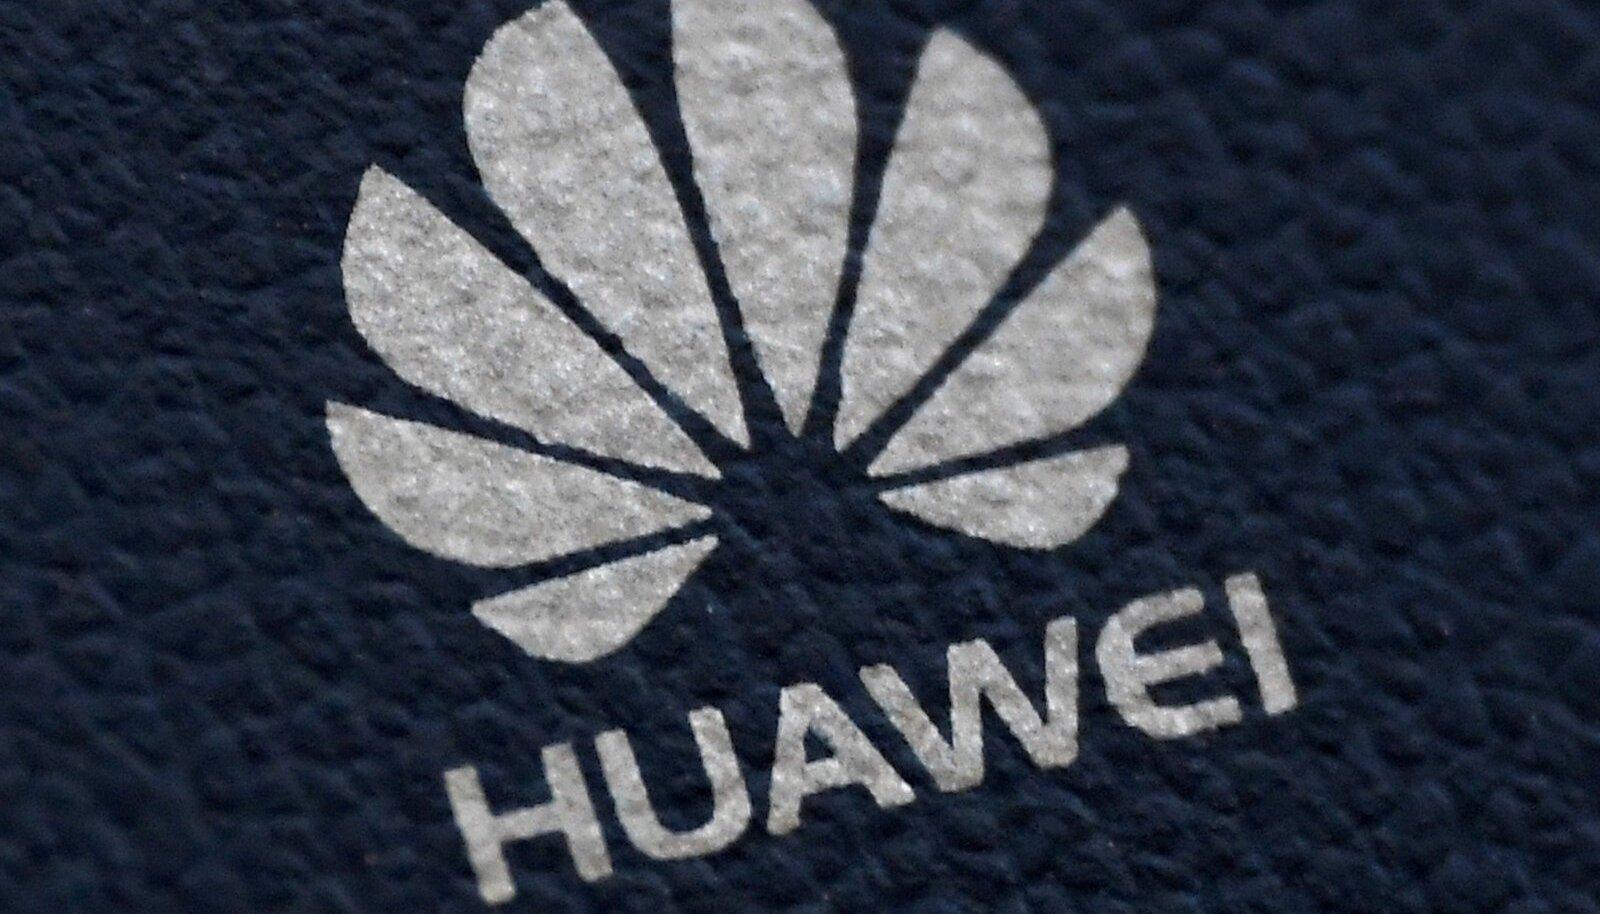 Hiina tehnoloogiagigandi Huaweiga seotud teemad ei taha Eestis kuidagi edeneda.